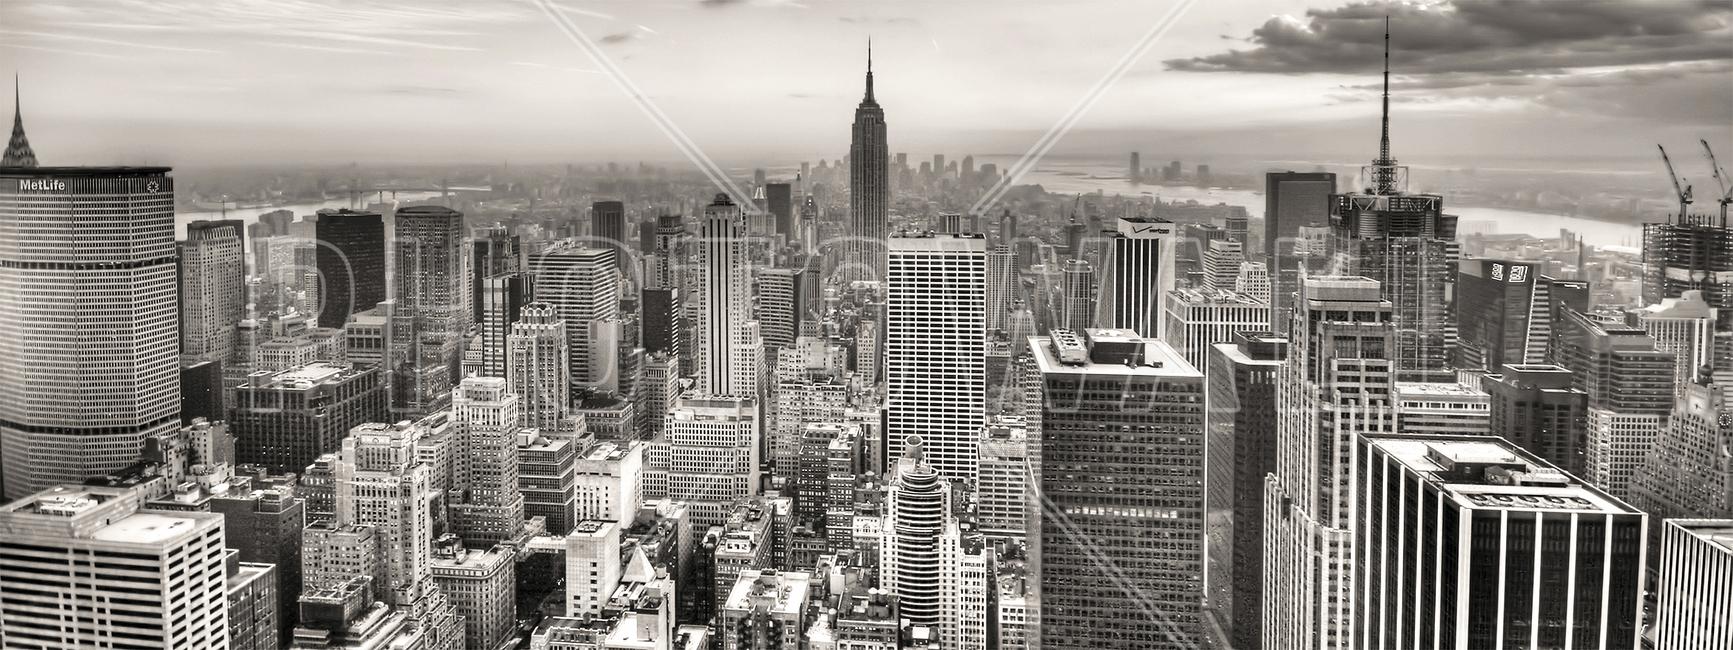 New York City, USA Fototapeter & Tapeter 100 x 100 cm